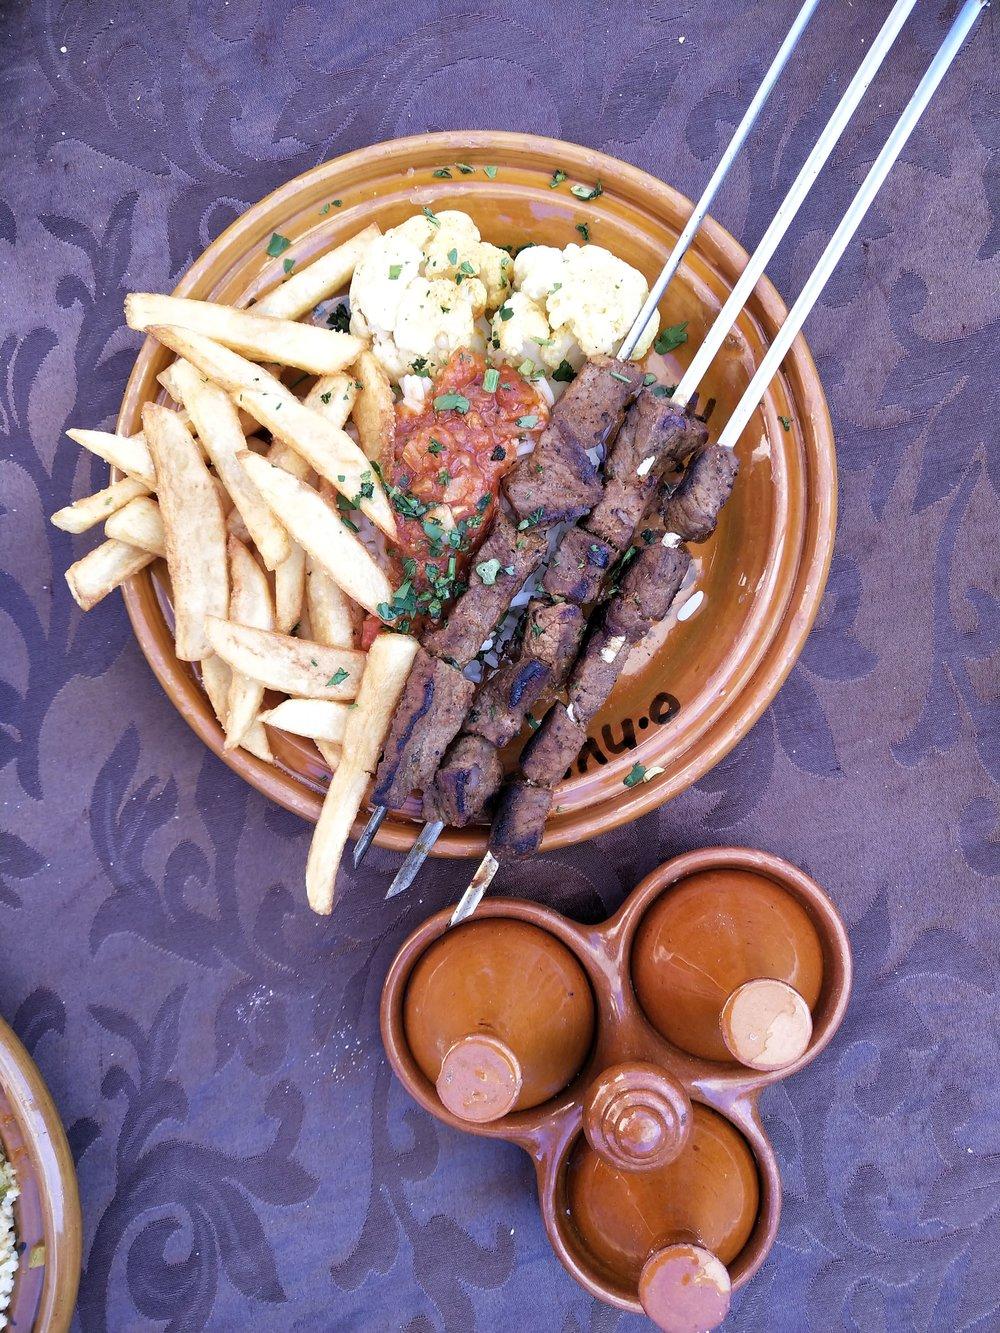 Lunch at Kasbah du toubkal